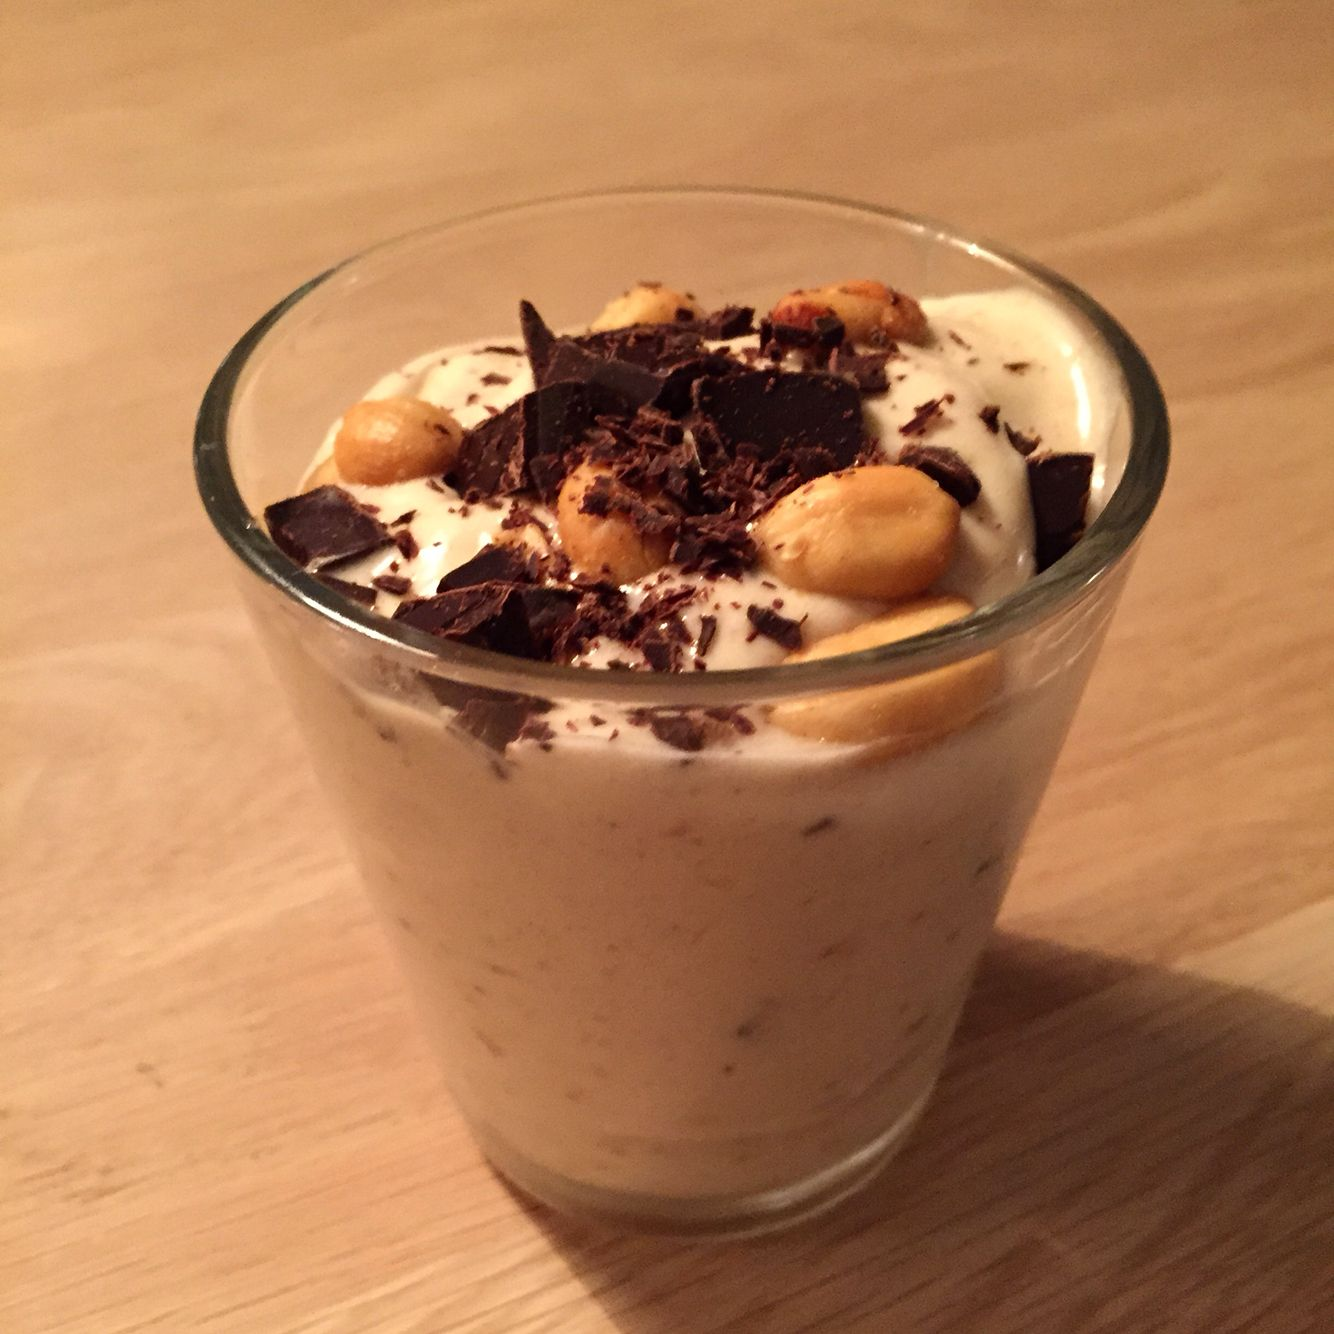 Bananis med peanutbutter.  2 frosne bananer 1 spsk peanutbutter  Lidt hakket 86% chokolade og lidt saltet peanut.  Banan stykkerne blendes, hvis det er hårdt, kan man tilføje lidt mælk. Når det har softice konsistens tilføres peanutbutter, blend.  Tilsidst rører man chokolade og peanuts i.